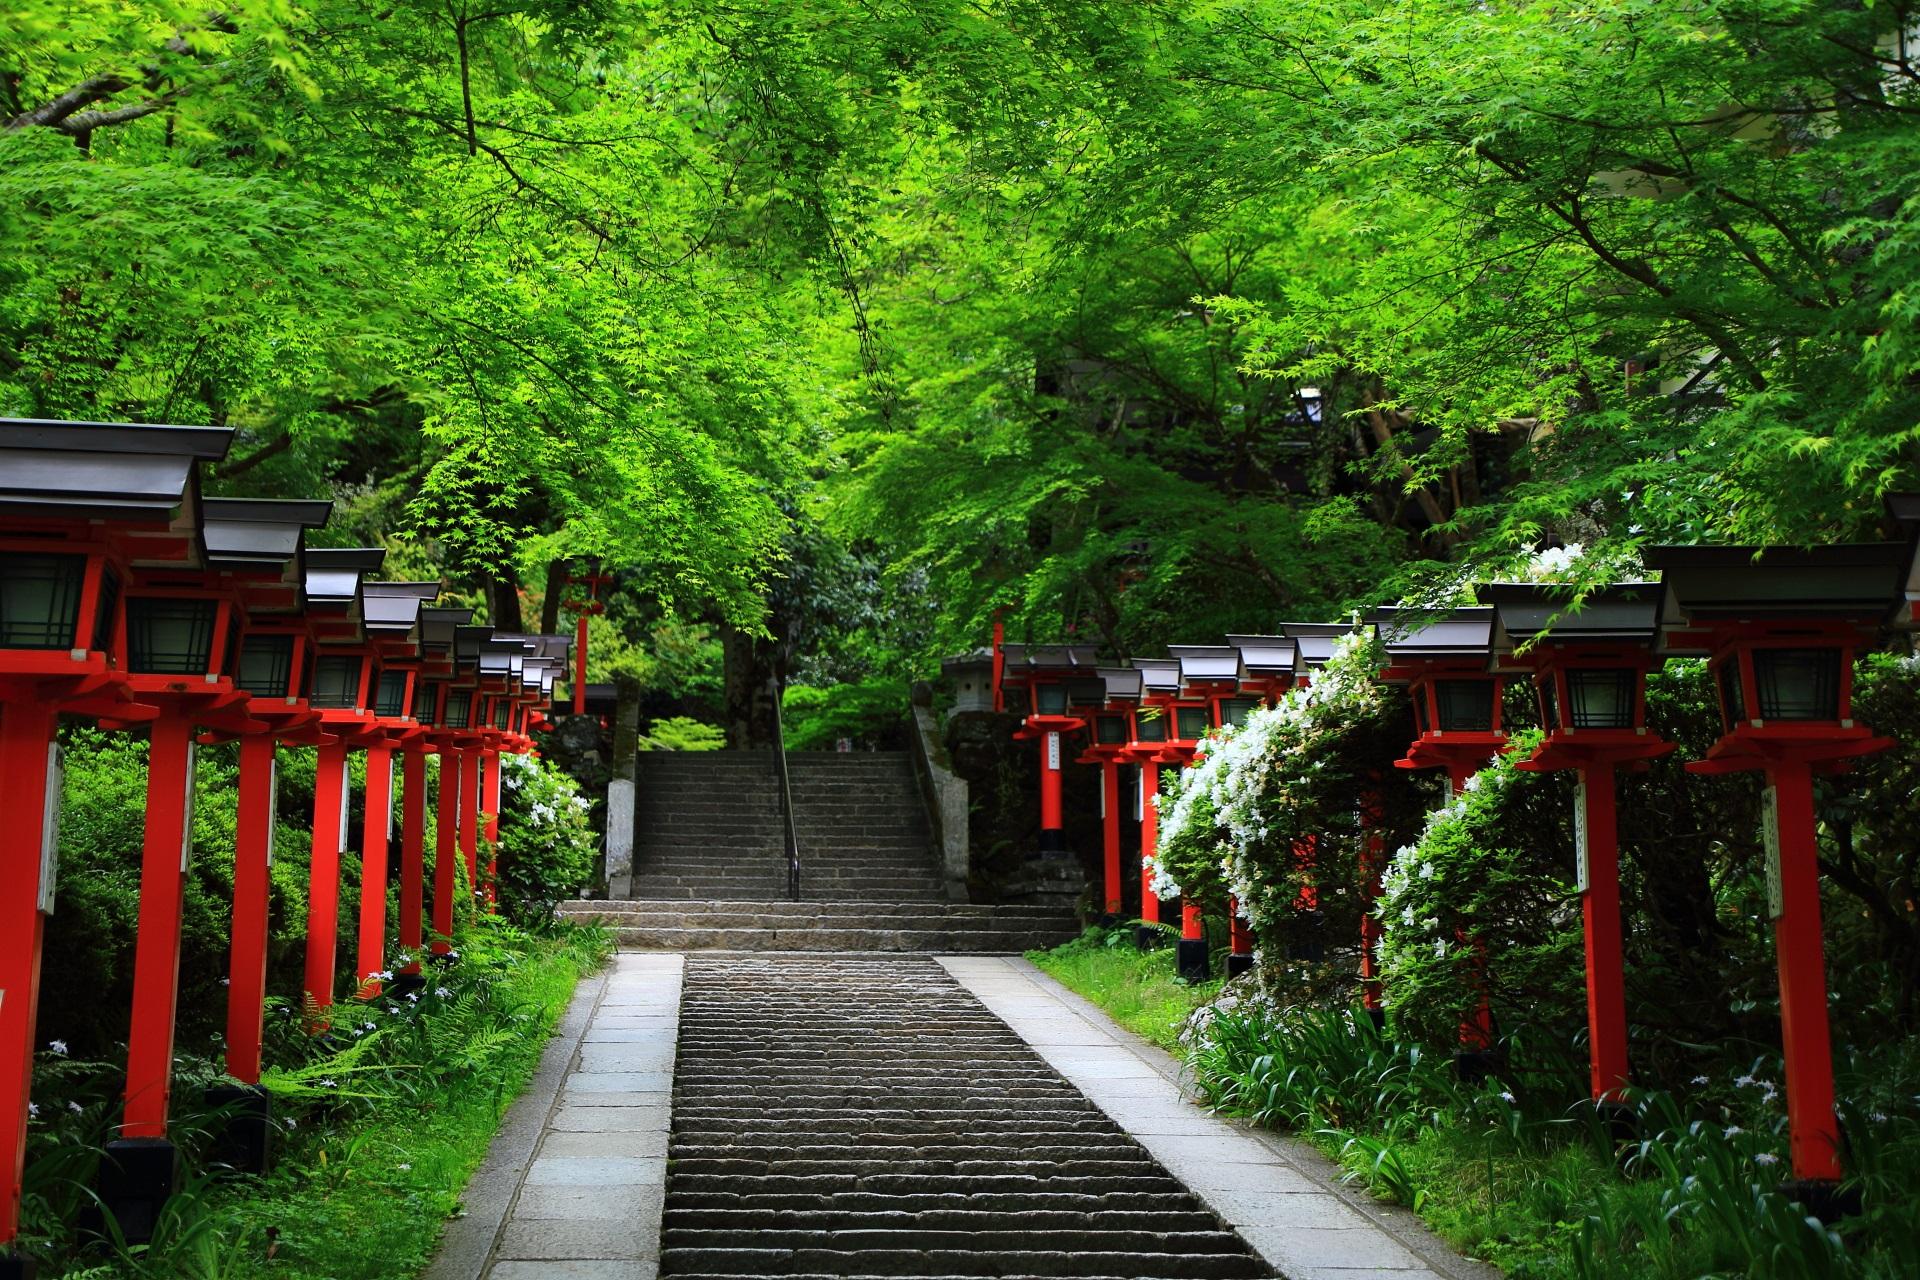 深い緑におおわれた鞍馬寺の参道